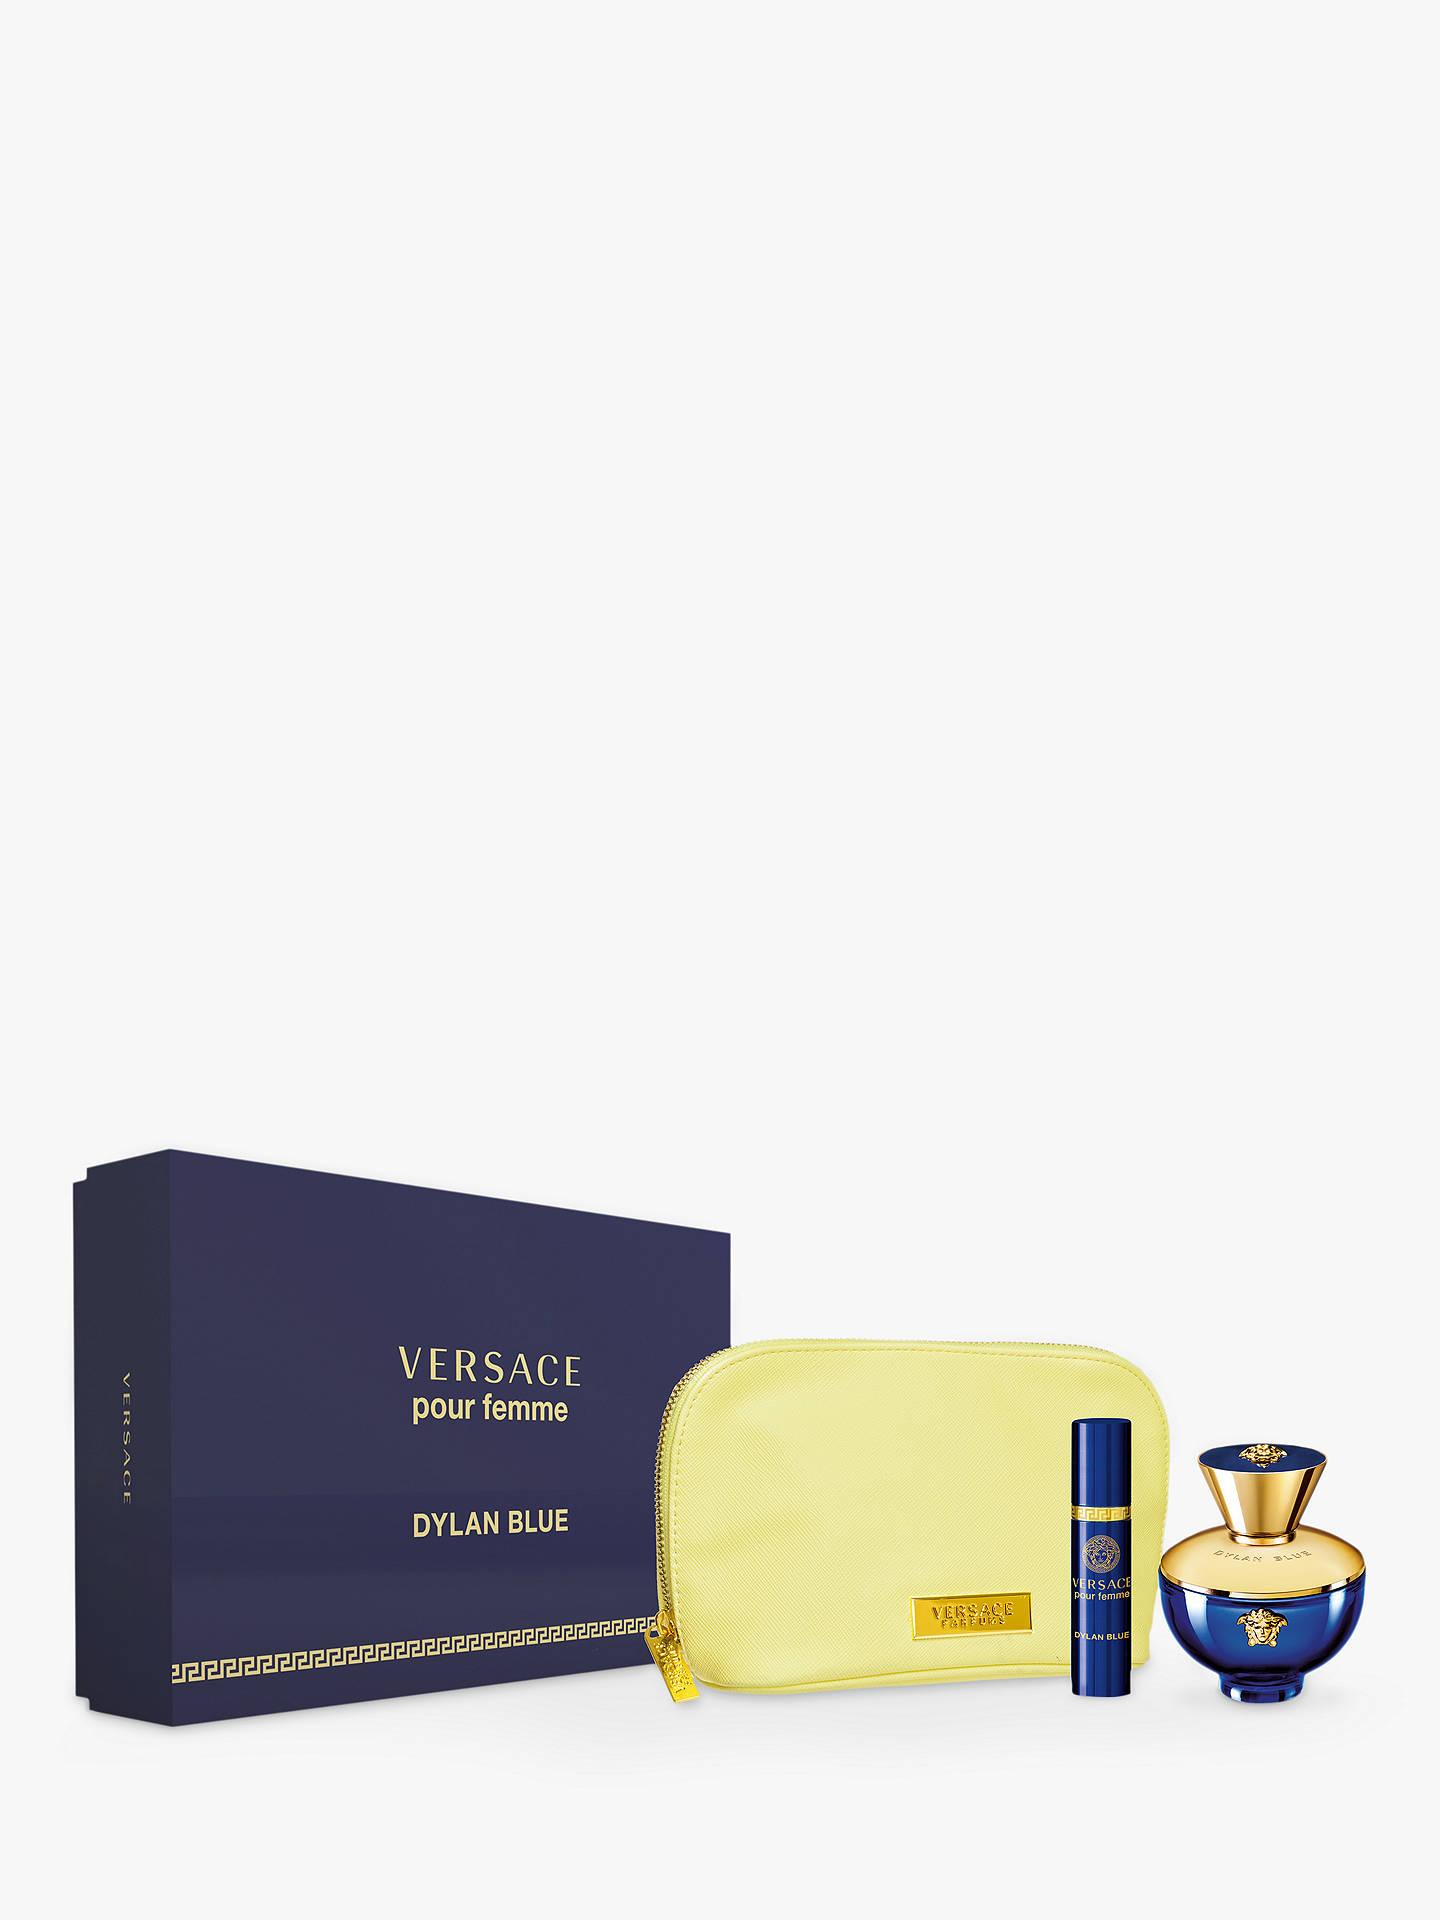 Versace Pour Femme Dylan Blue 100ml Eau De Parfum Coffret Gift Set